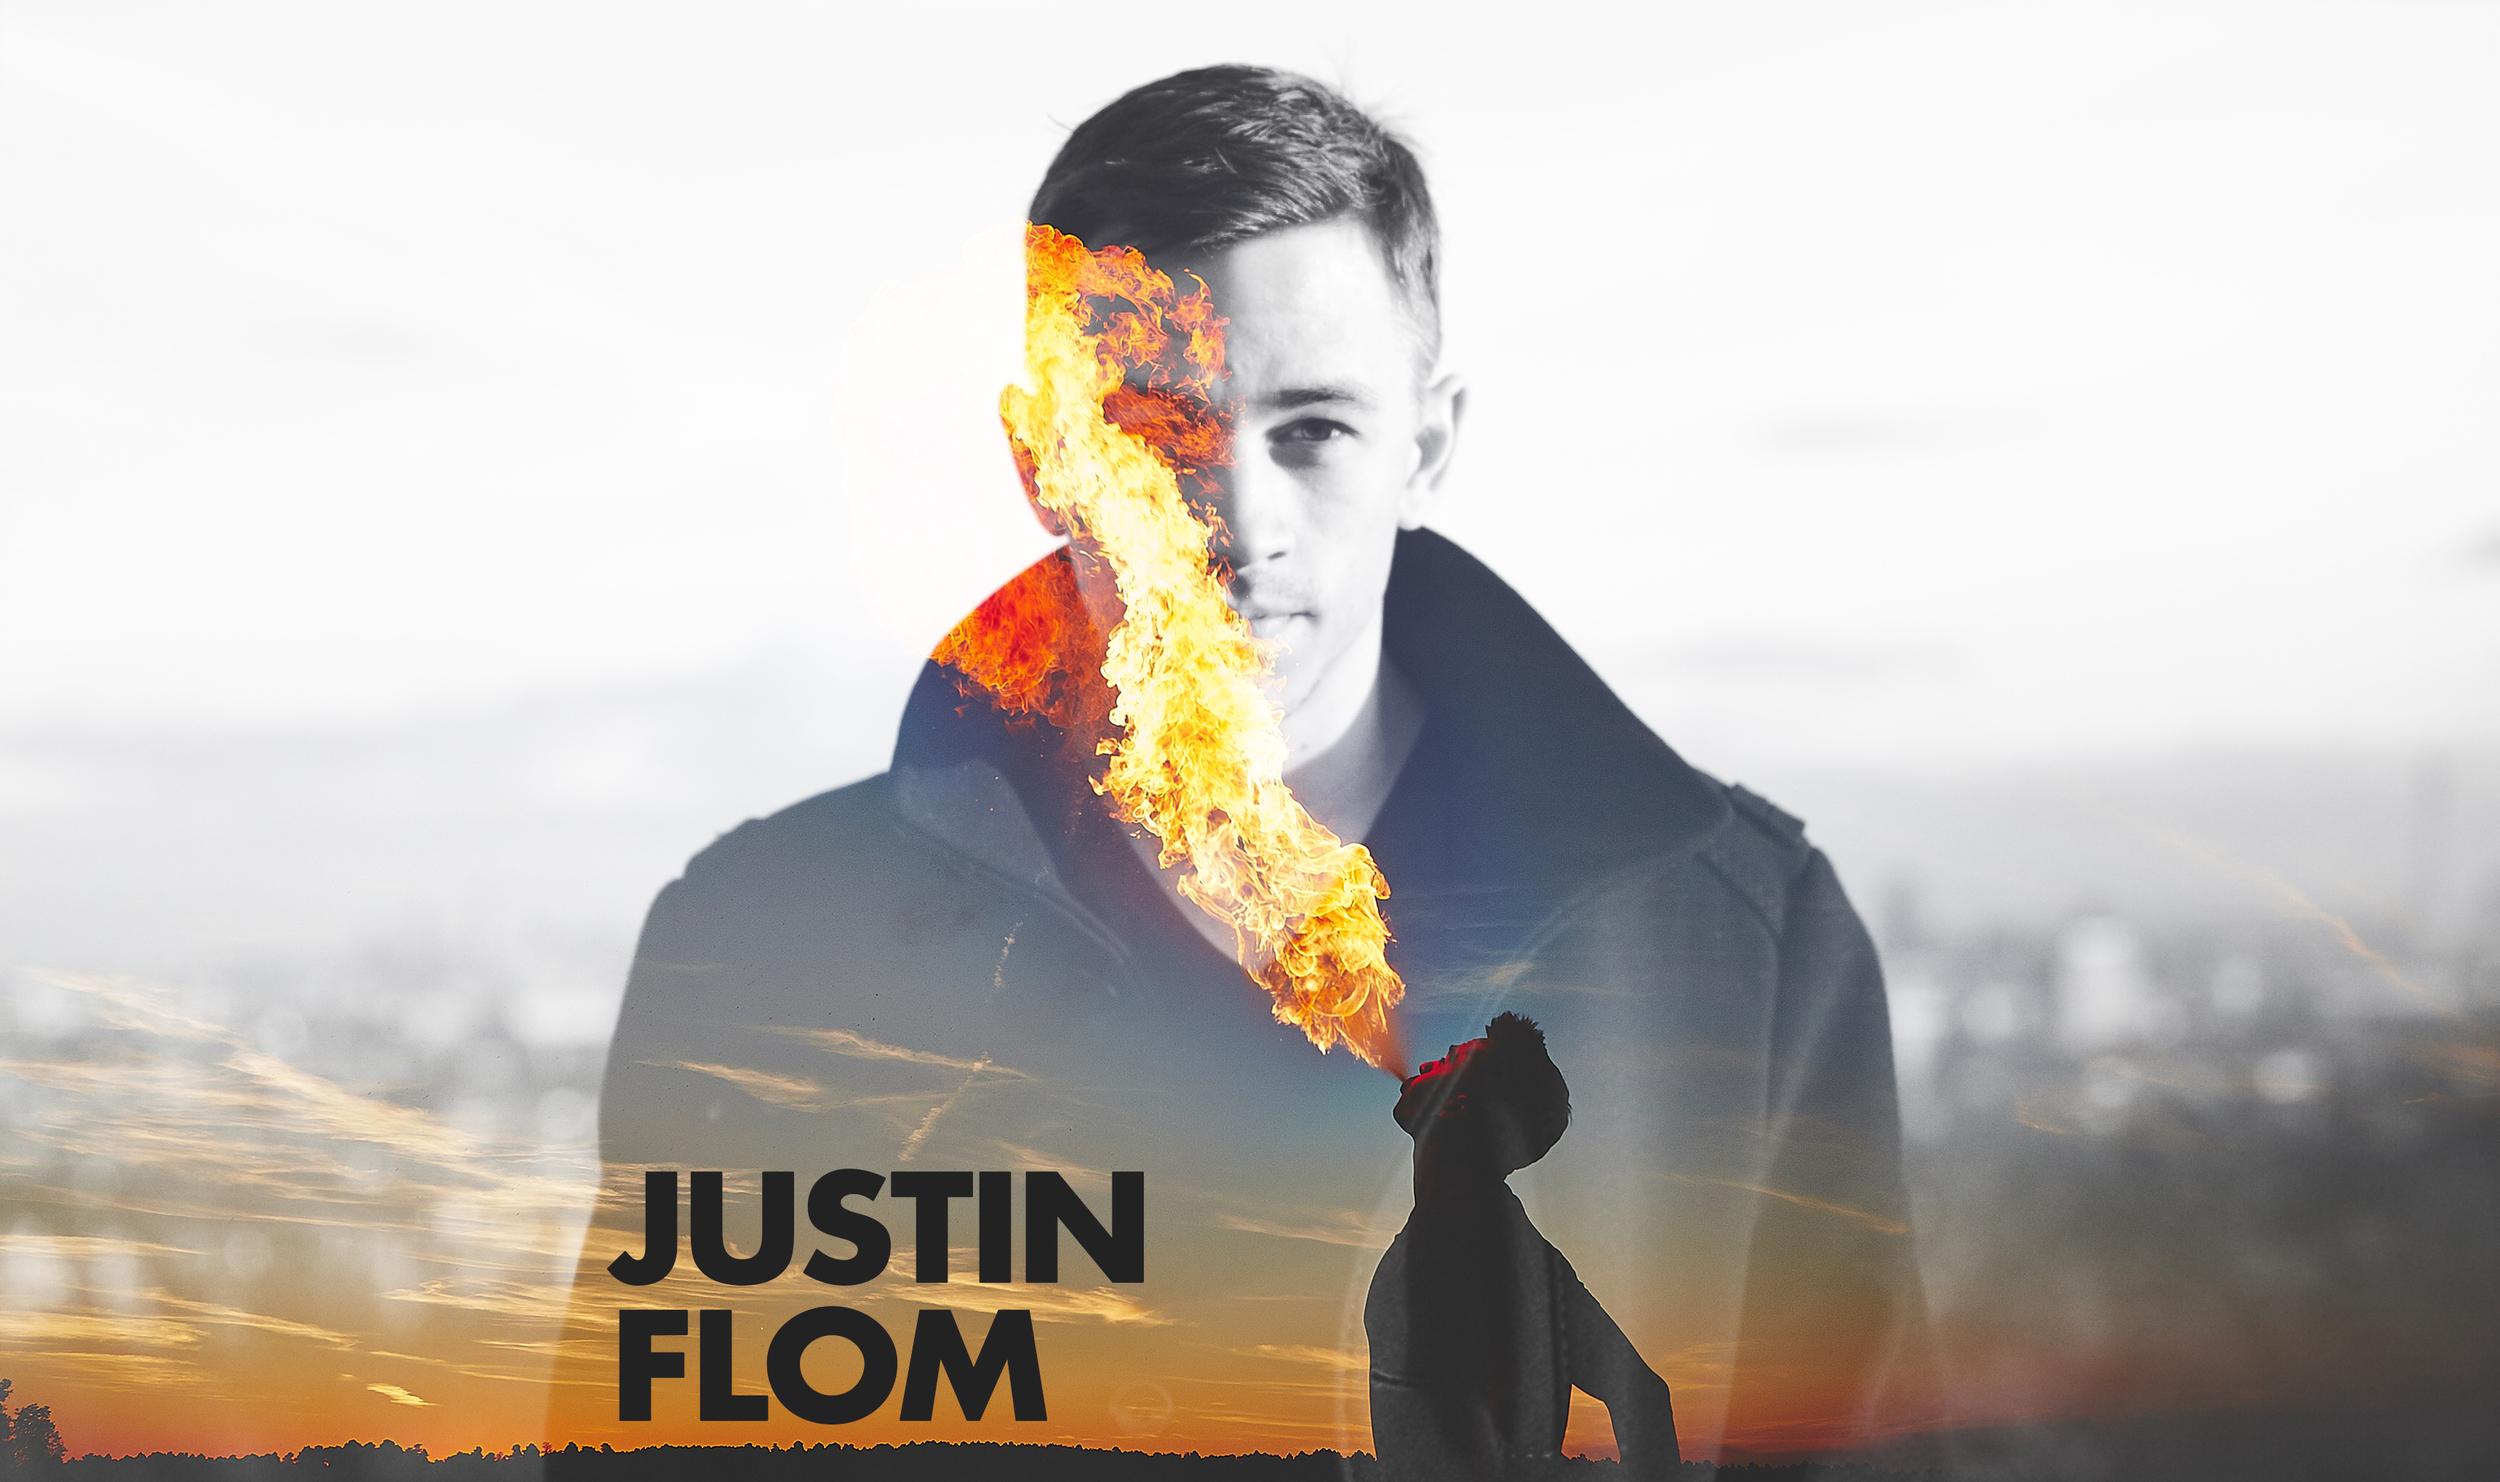 justin flom magician magic